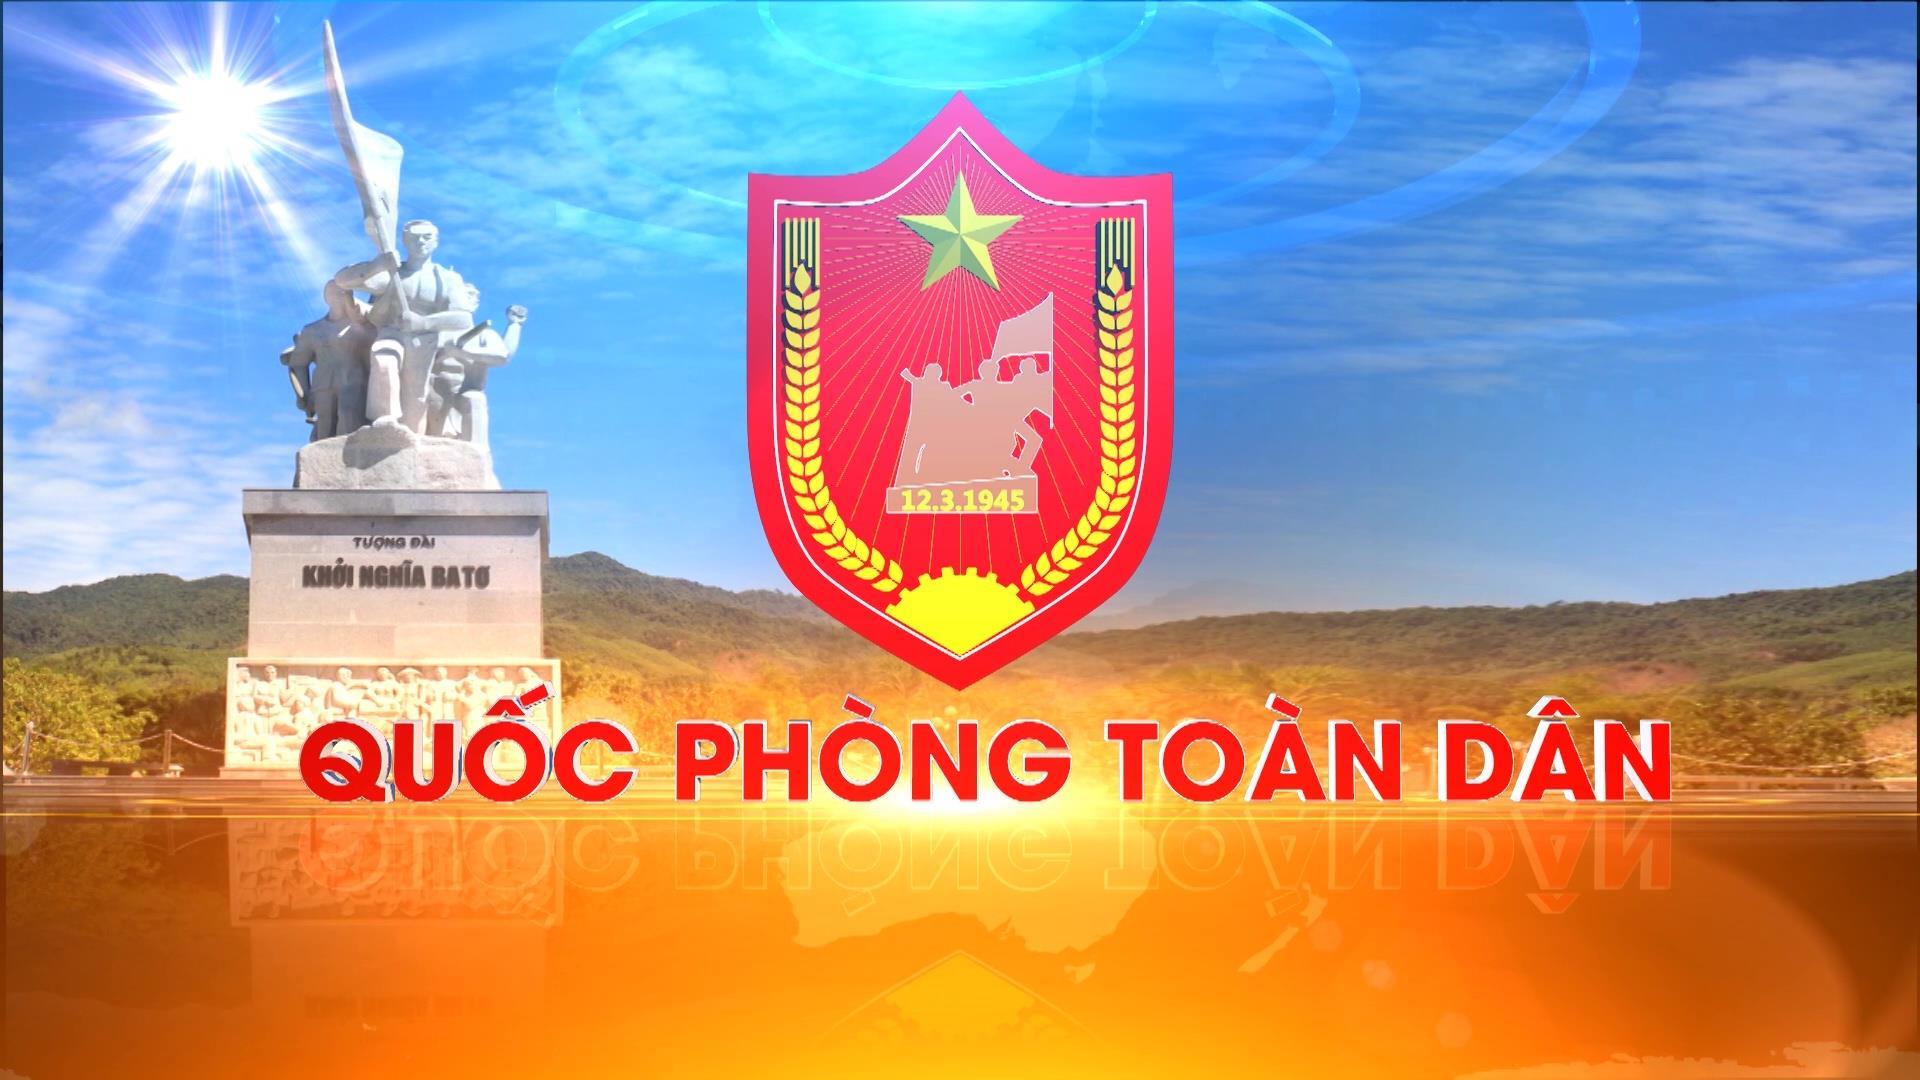 QUỐC PHÒNG TOÀN DÂN NGÀY 09-04-2021